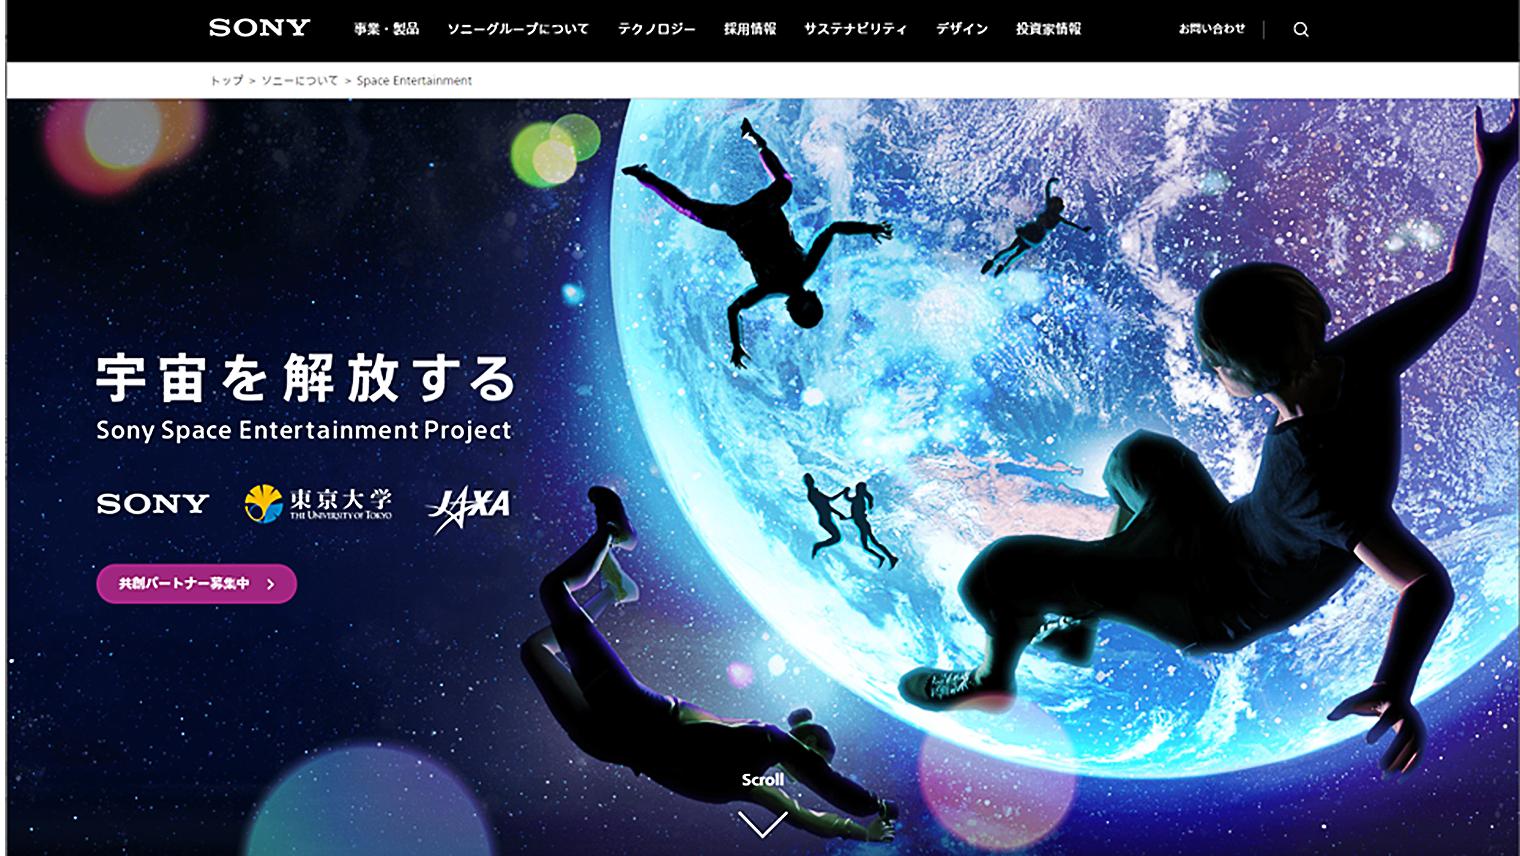 公式Webサイトのトップページの画像 宇宙空間に人々のシルエットが浮いているビジュアルが表示されている